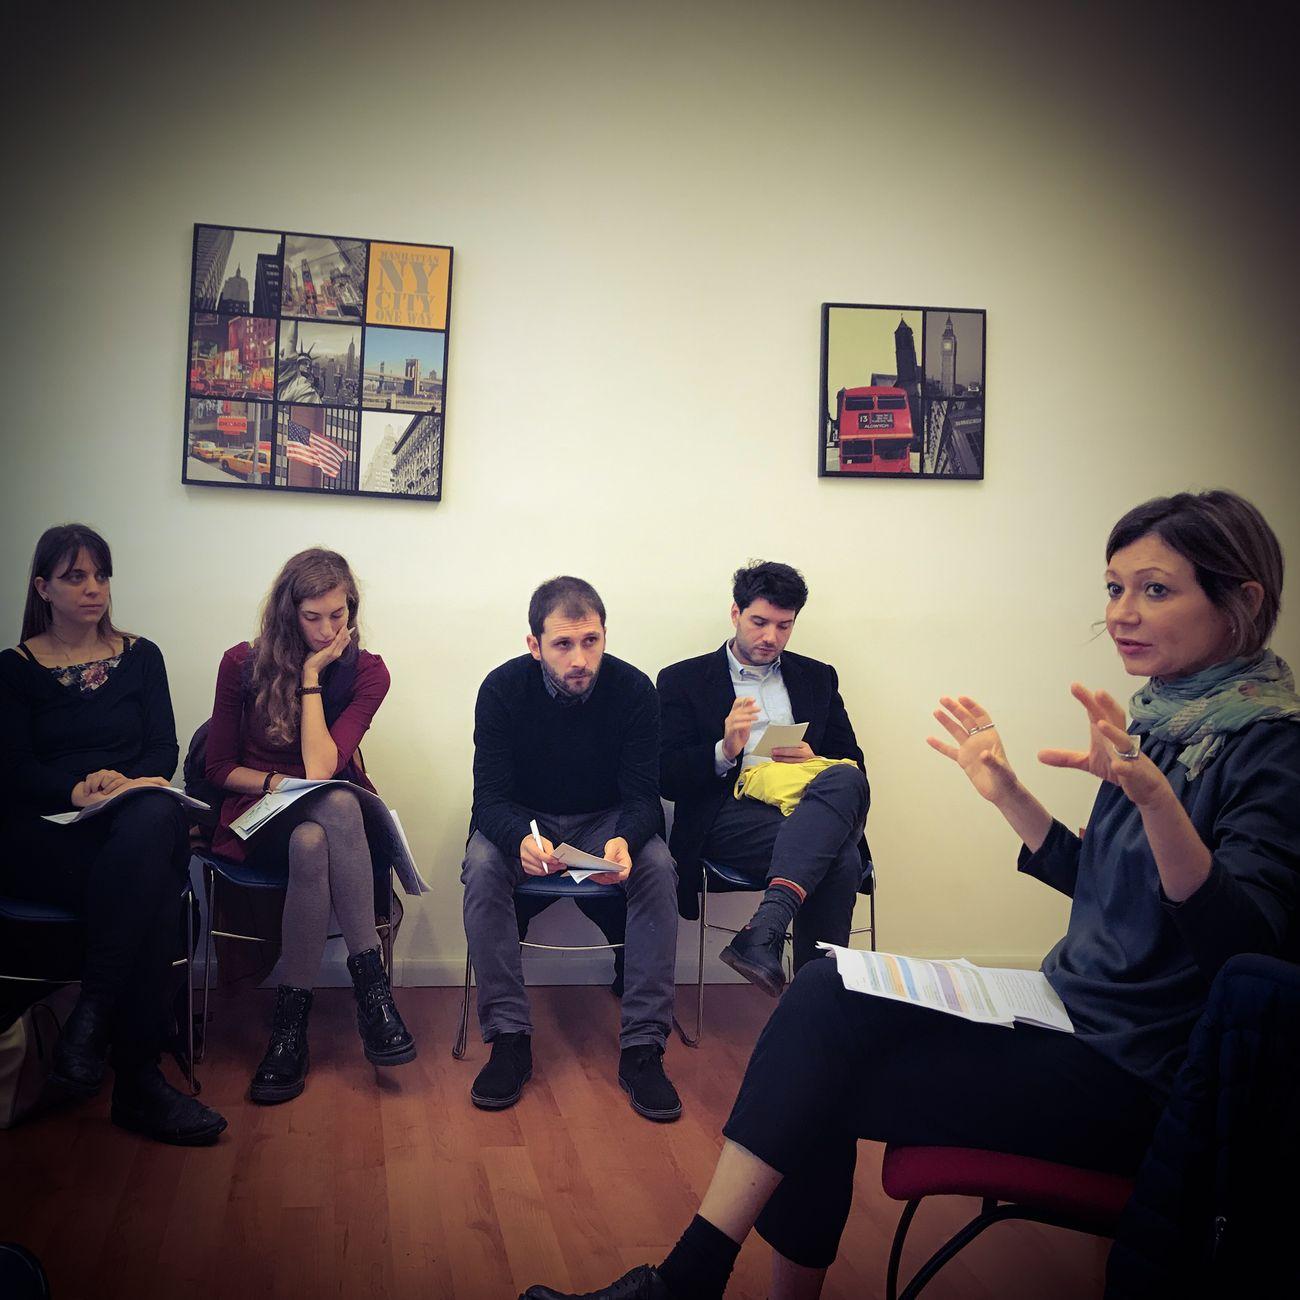 AltroVE. Prima riunione di progetto (Cristiano Focacci Menchini, Fabio de Meo, Beatrice Gelmetti, Beatrice Alici)